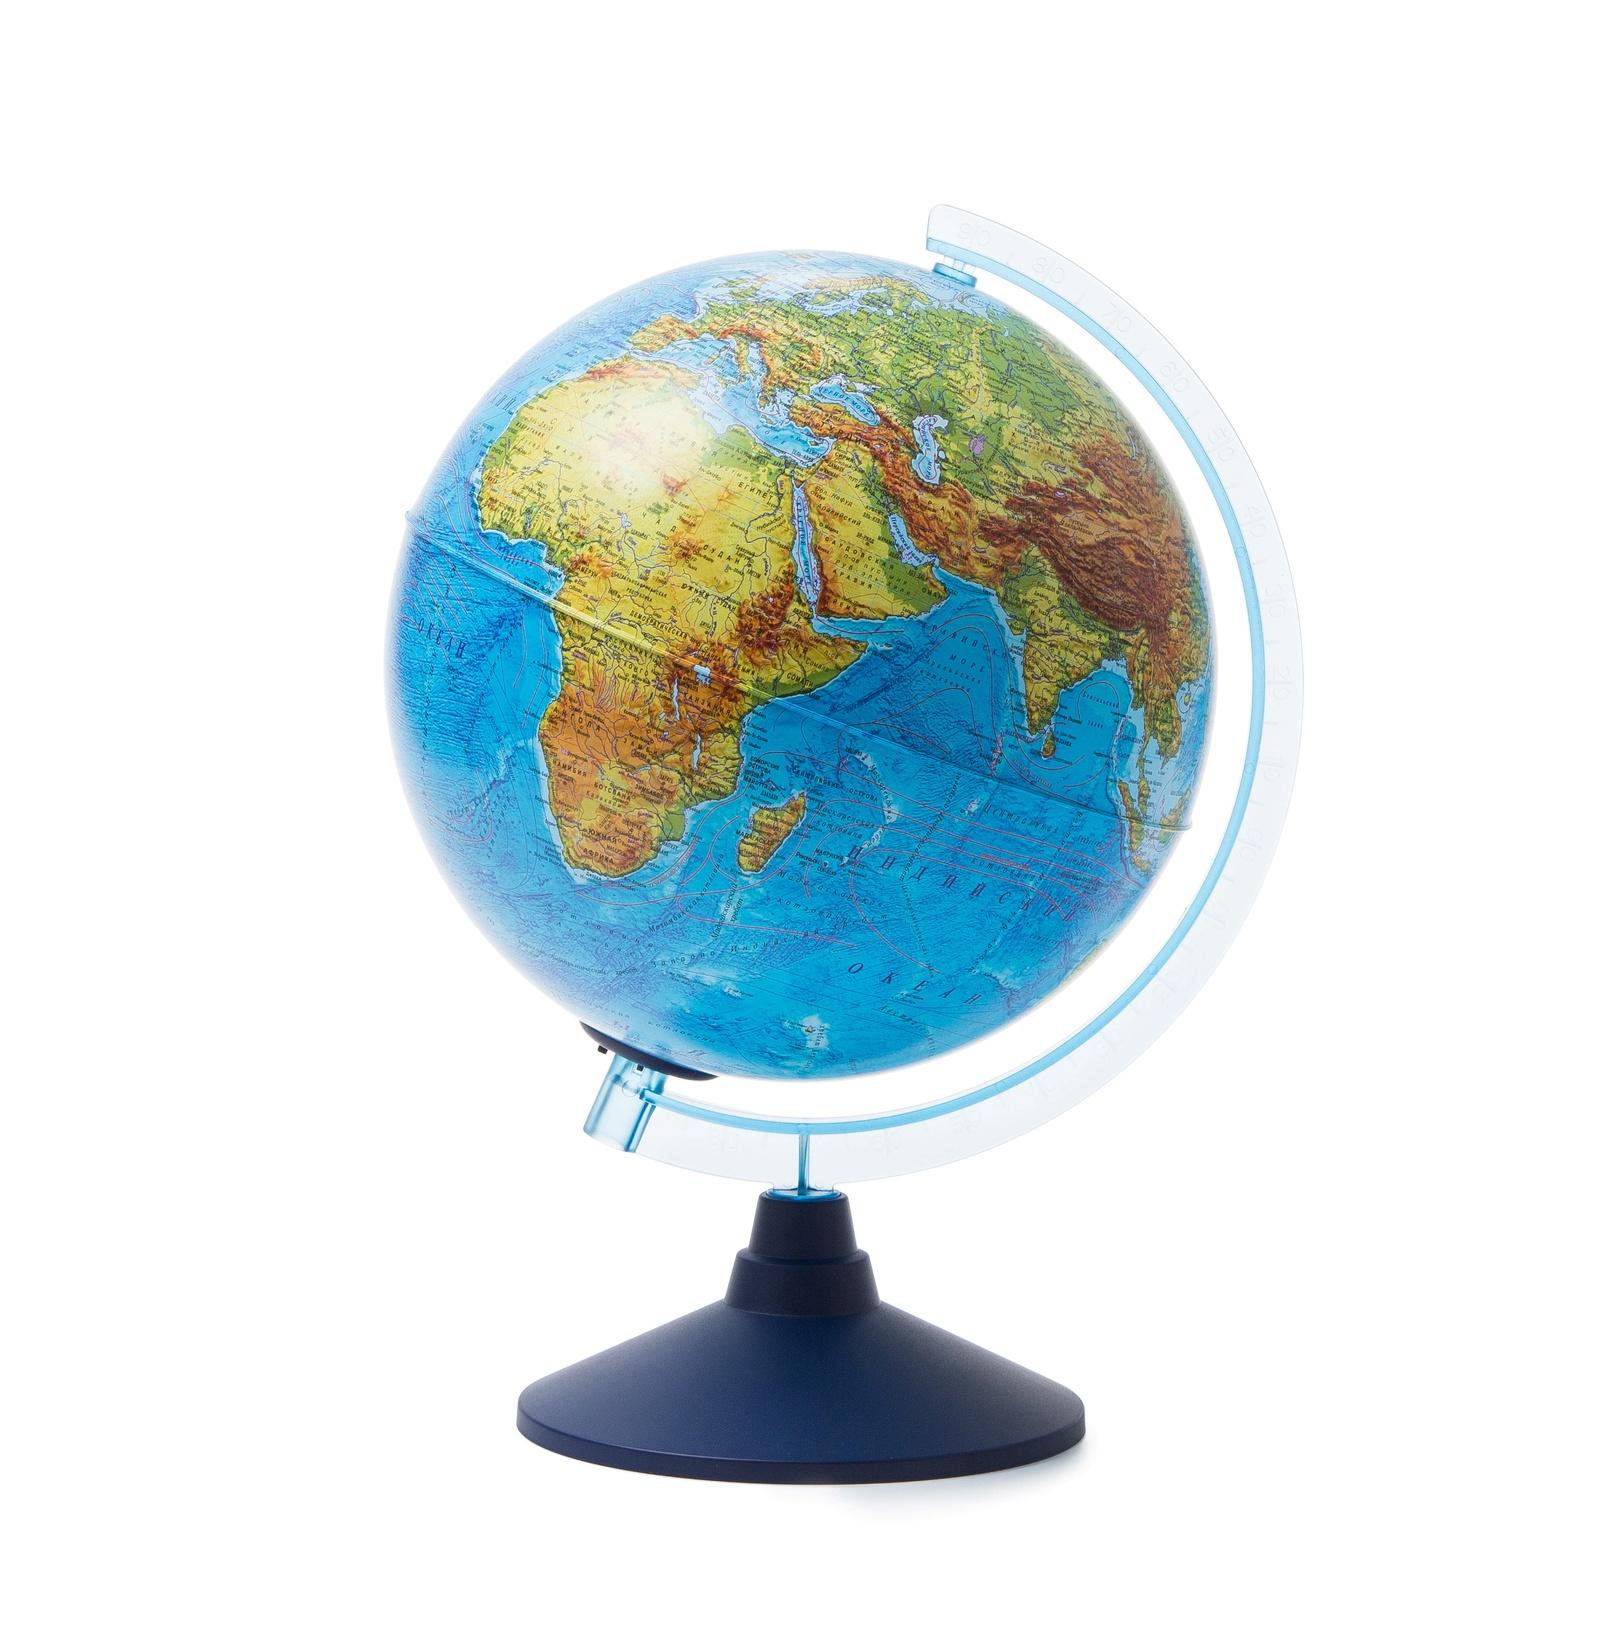 Глобус Globen Земли физико-политический с подсветкой на батарейках, диаметр 25 см globen глобус земли globen физико политический с подсветкой 320мм